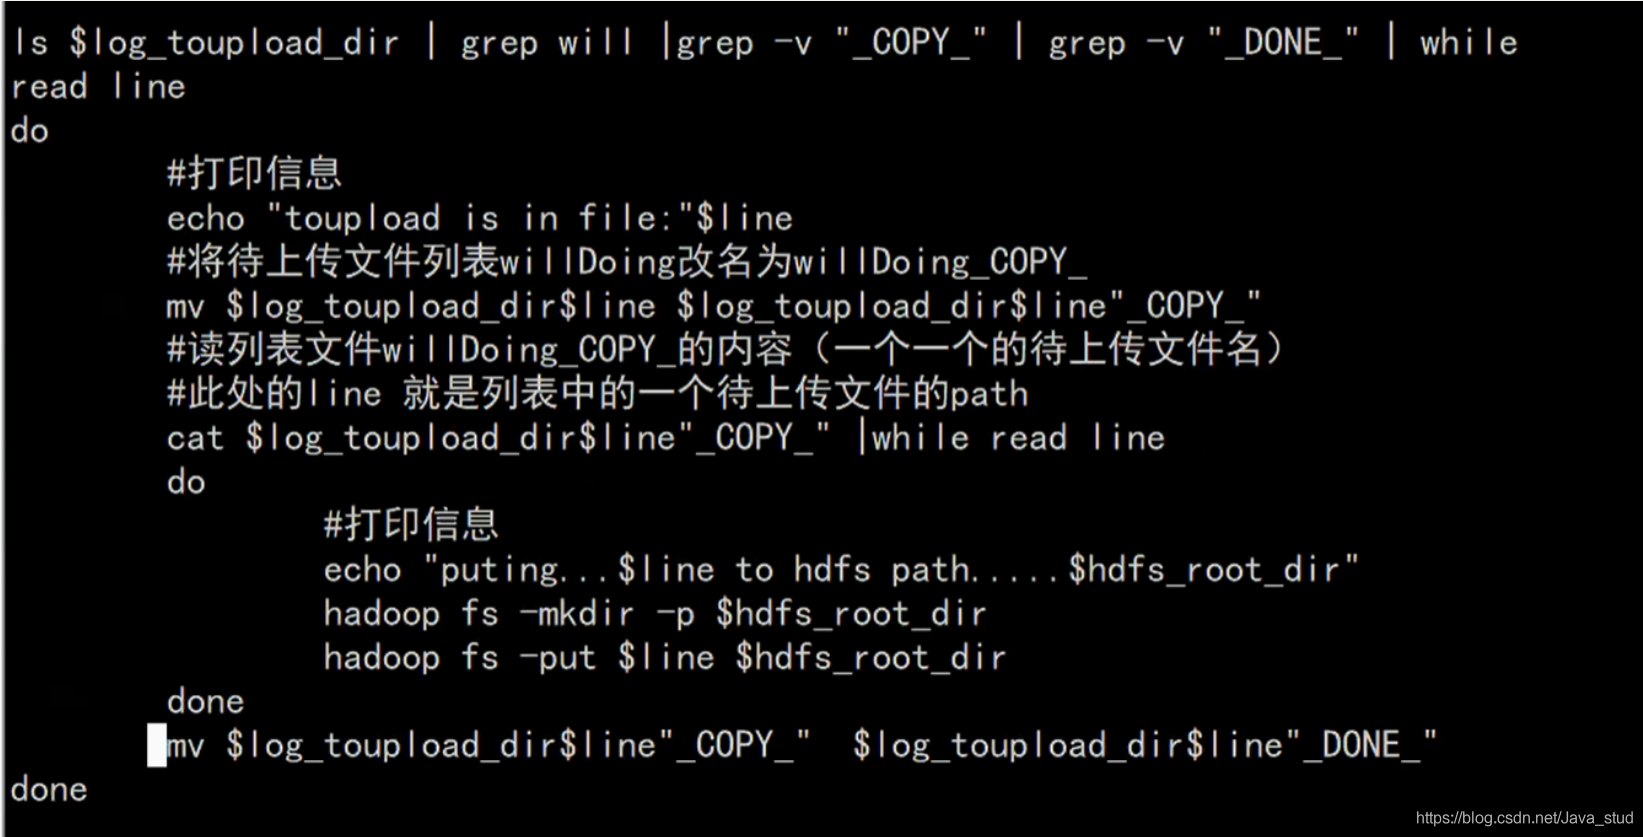 [外链图片转存失败,源站可能有防盗链机制,建议将图片保存下来直接上传(img-foqZ8uis-1600743046752)(hadoop.assets/image-20200905184919726.png)]